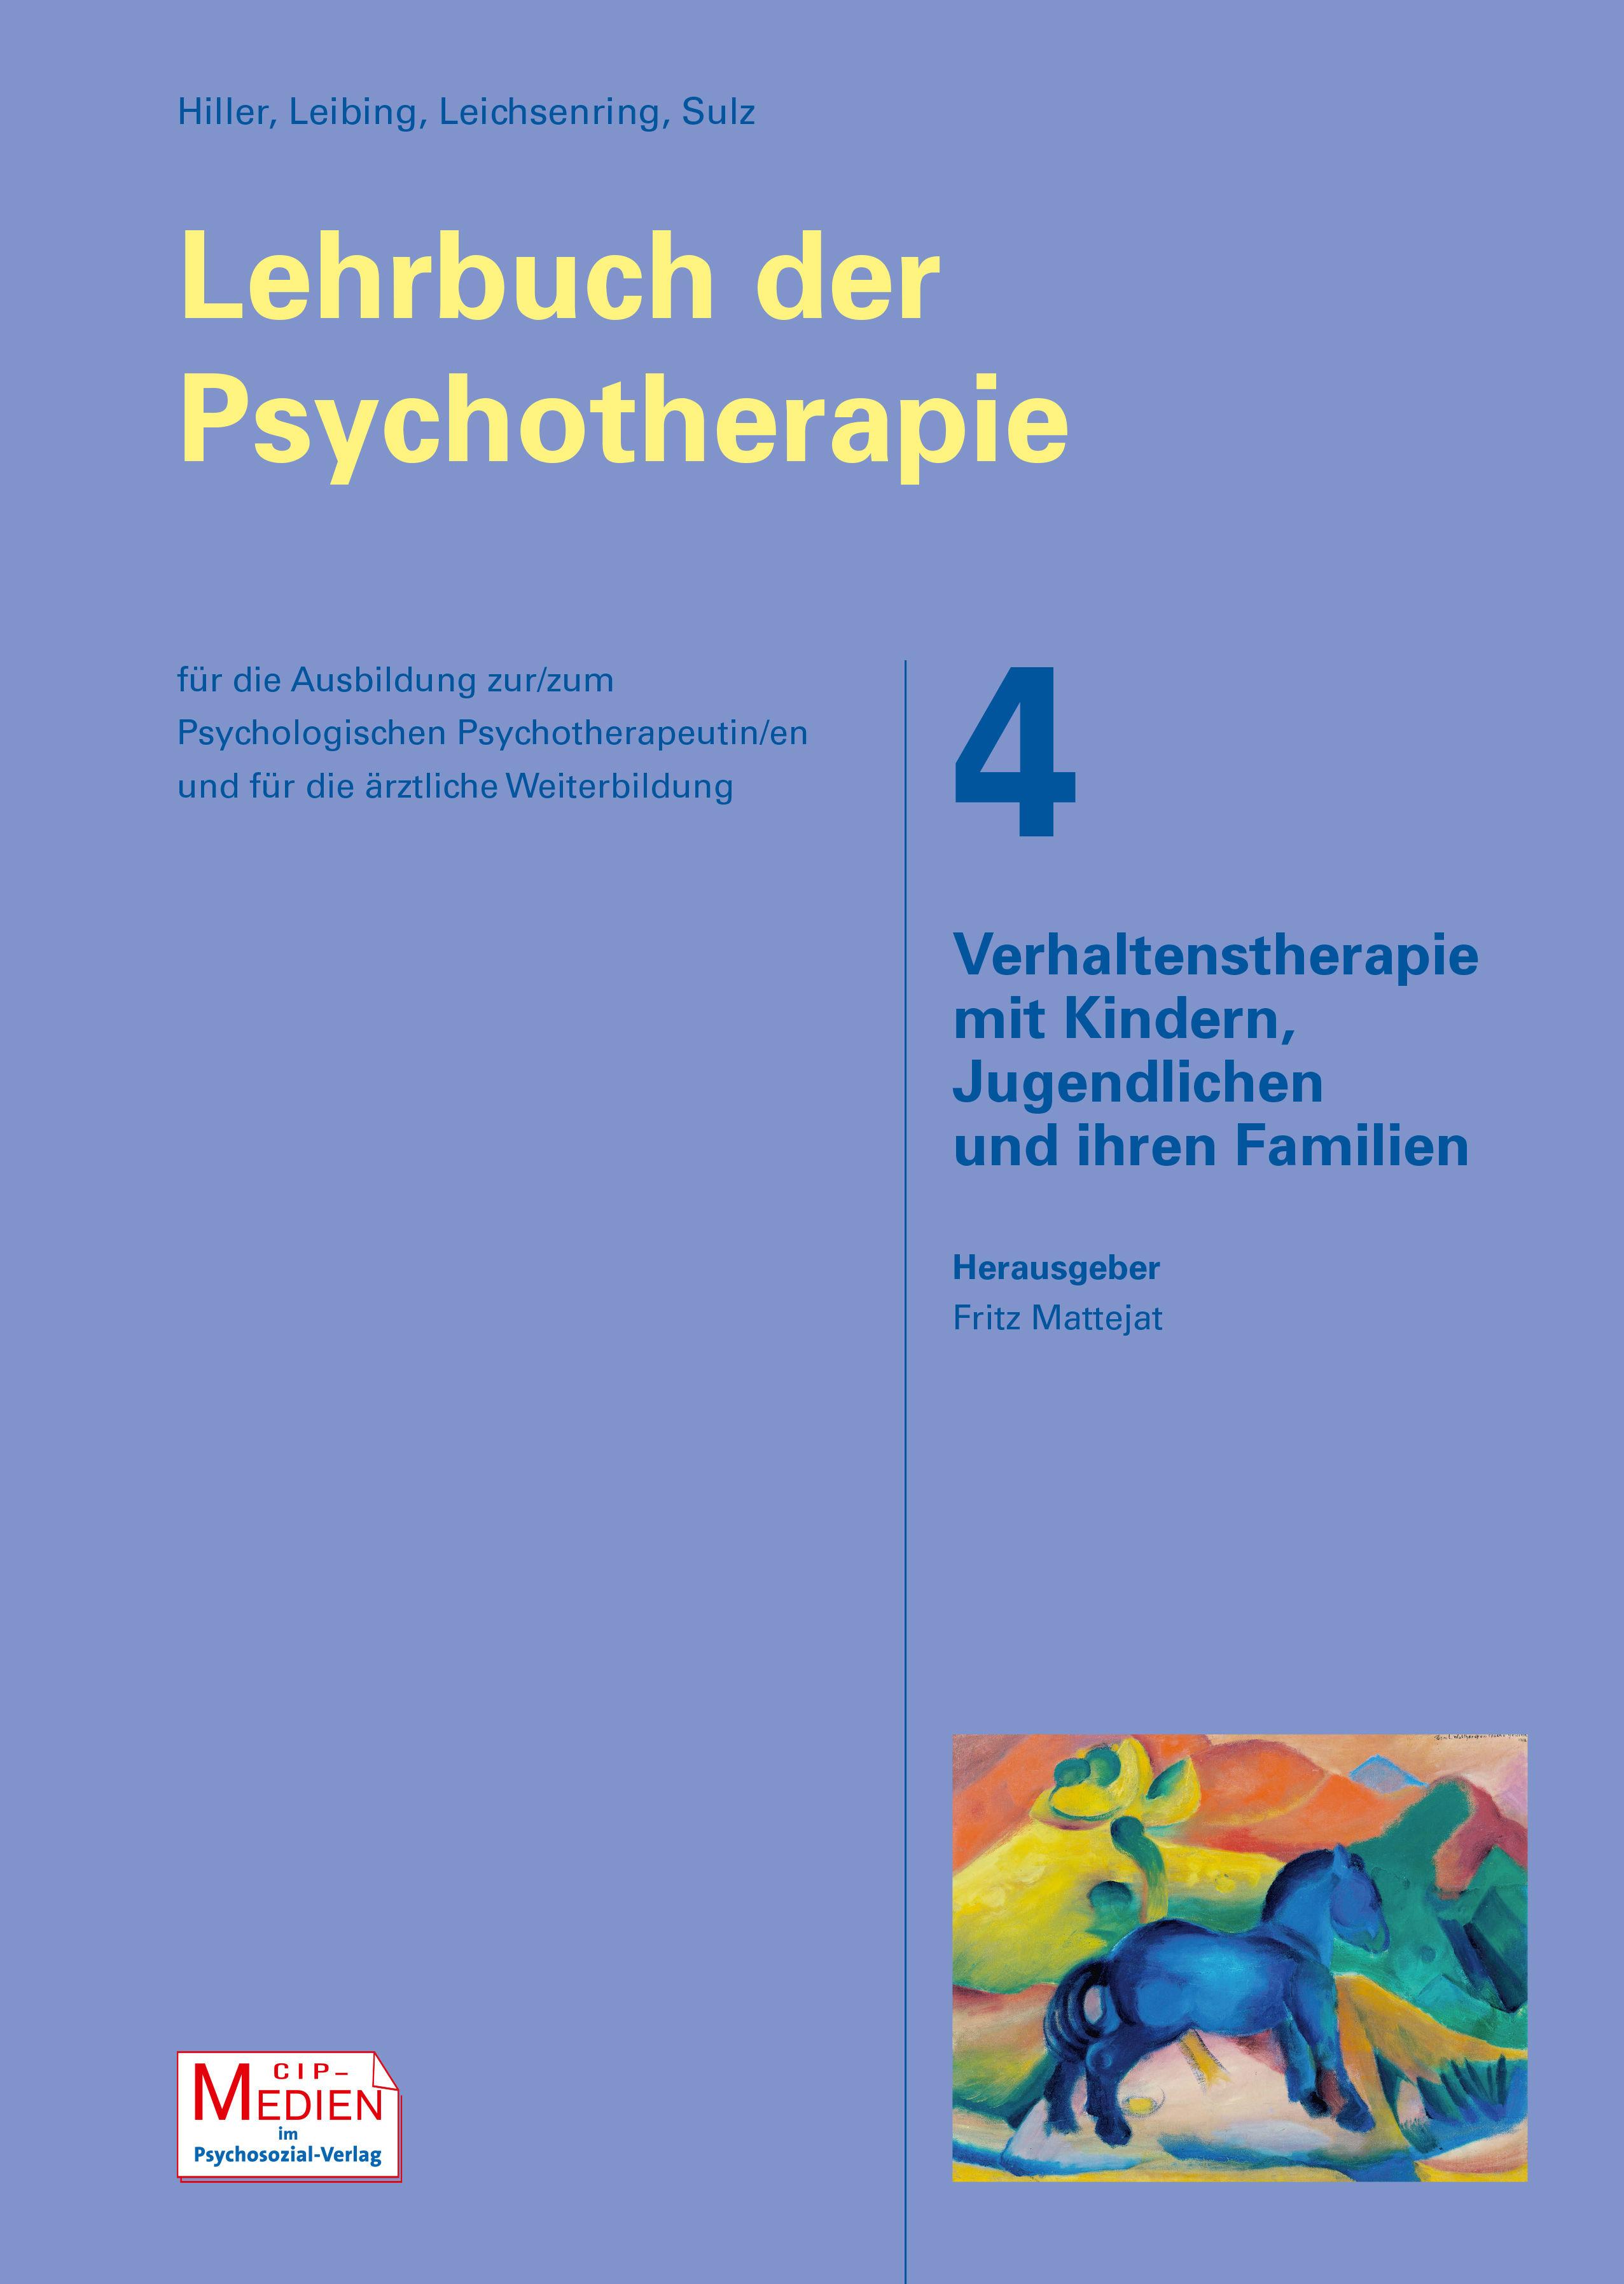 Lehrbuch der Psychotherapie